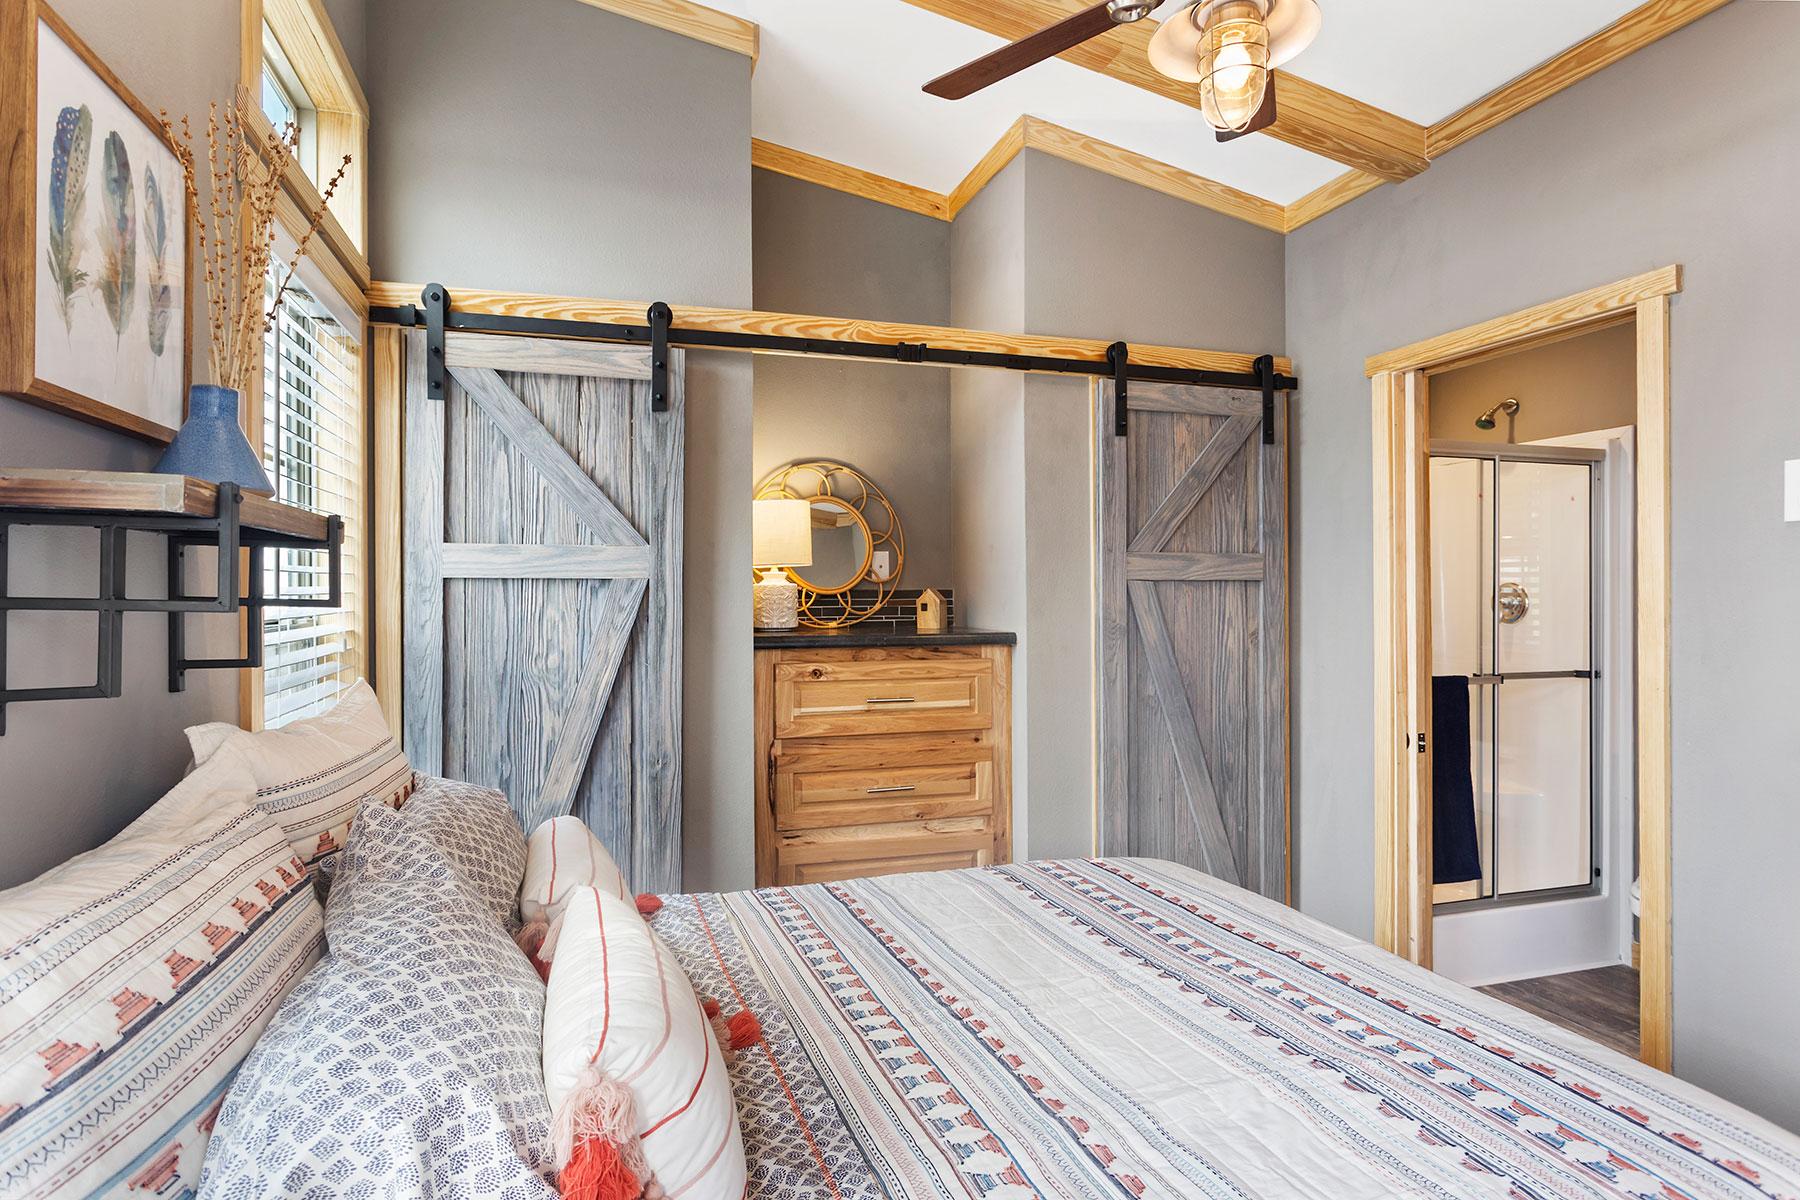 520-bedroom-3